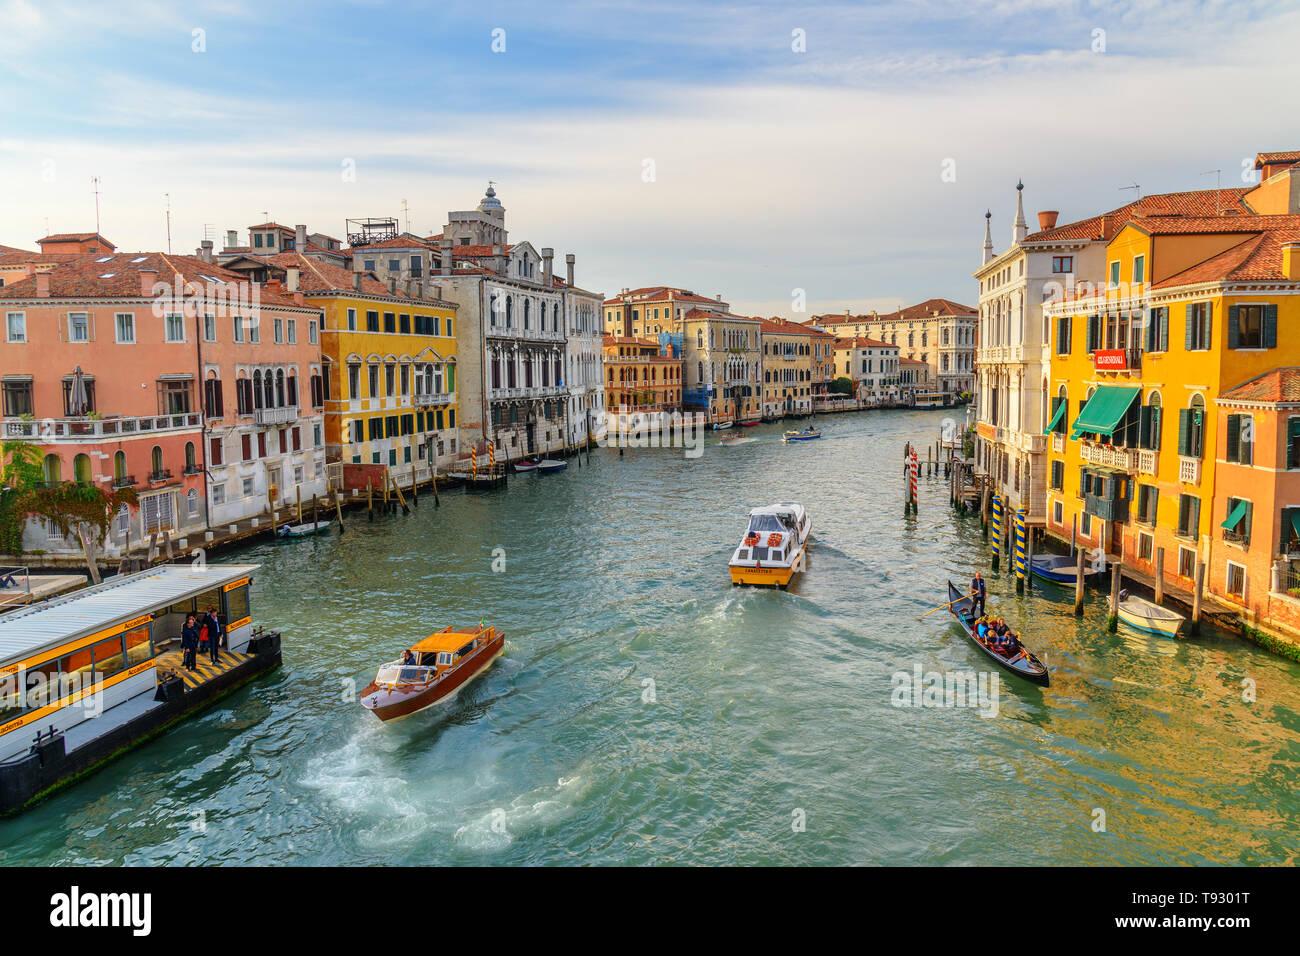 Venezia, Italia - 23 Ottobre 2018: vista del Canal Grande dal Ponte dell'Accademia di Venezia Foto Stock